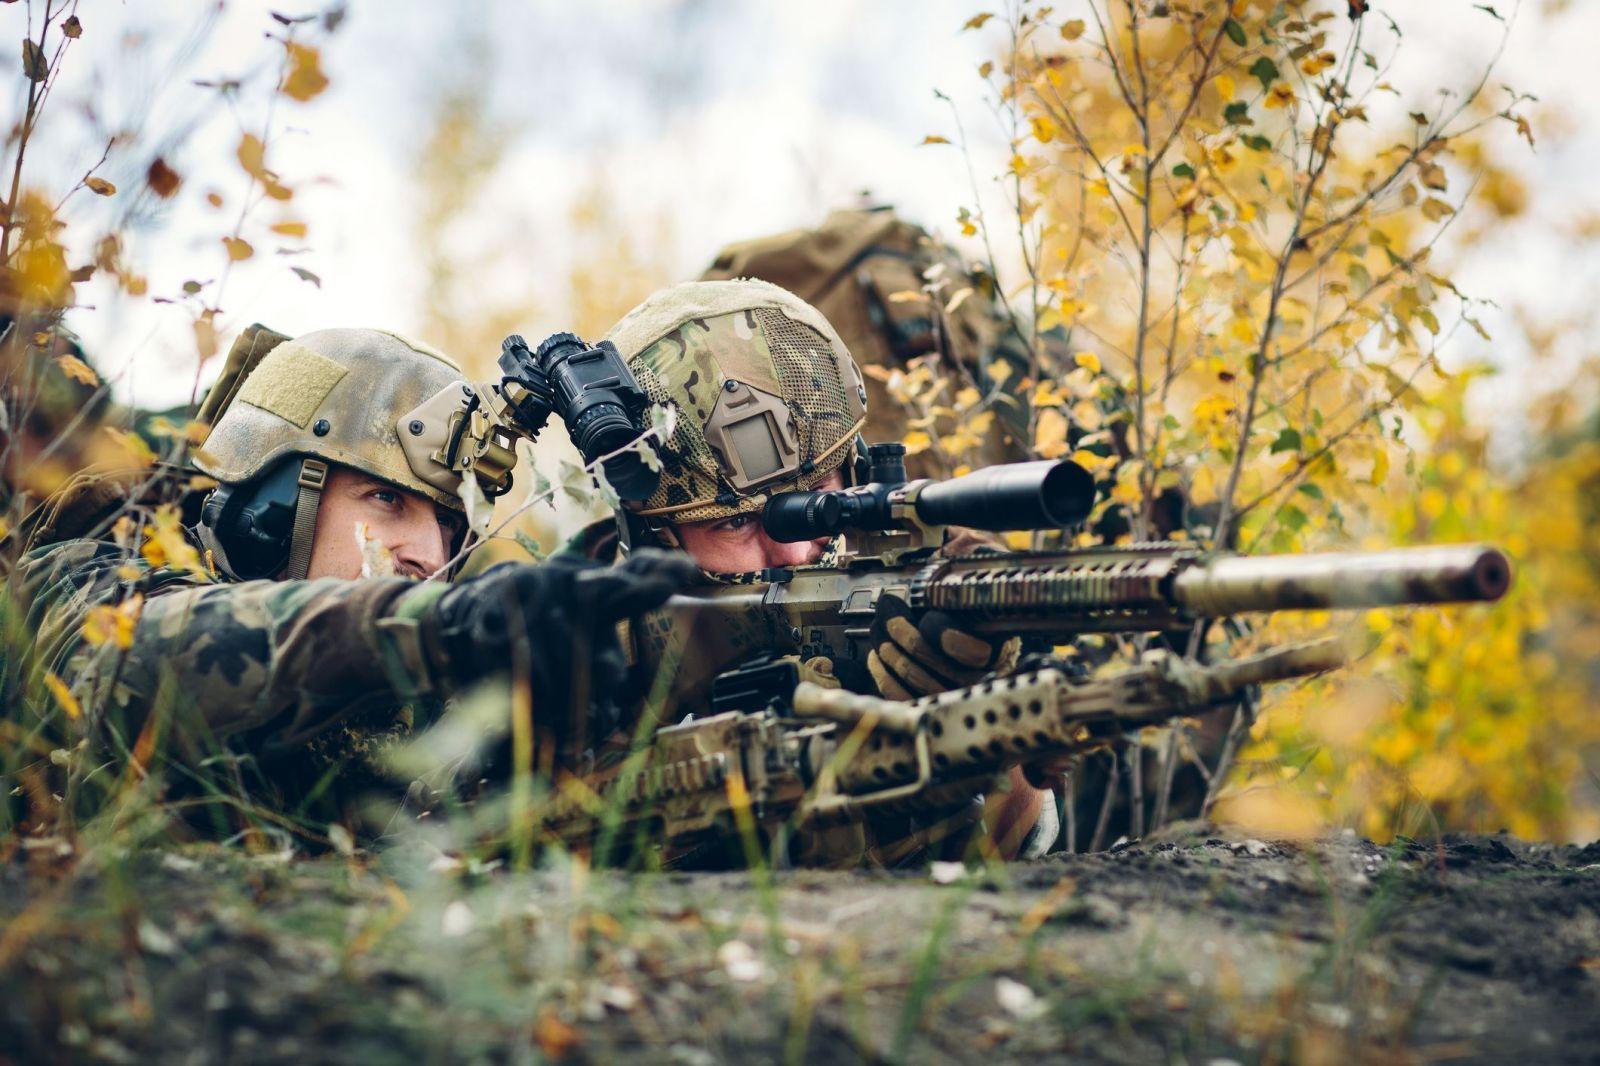 Канадски снайперисти със световен рекорд по разстояние на точния изстрел